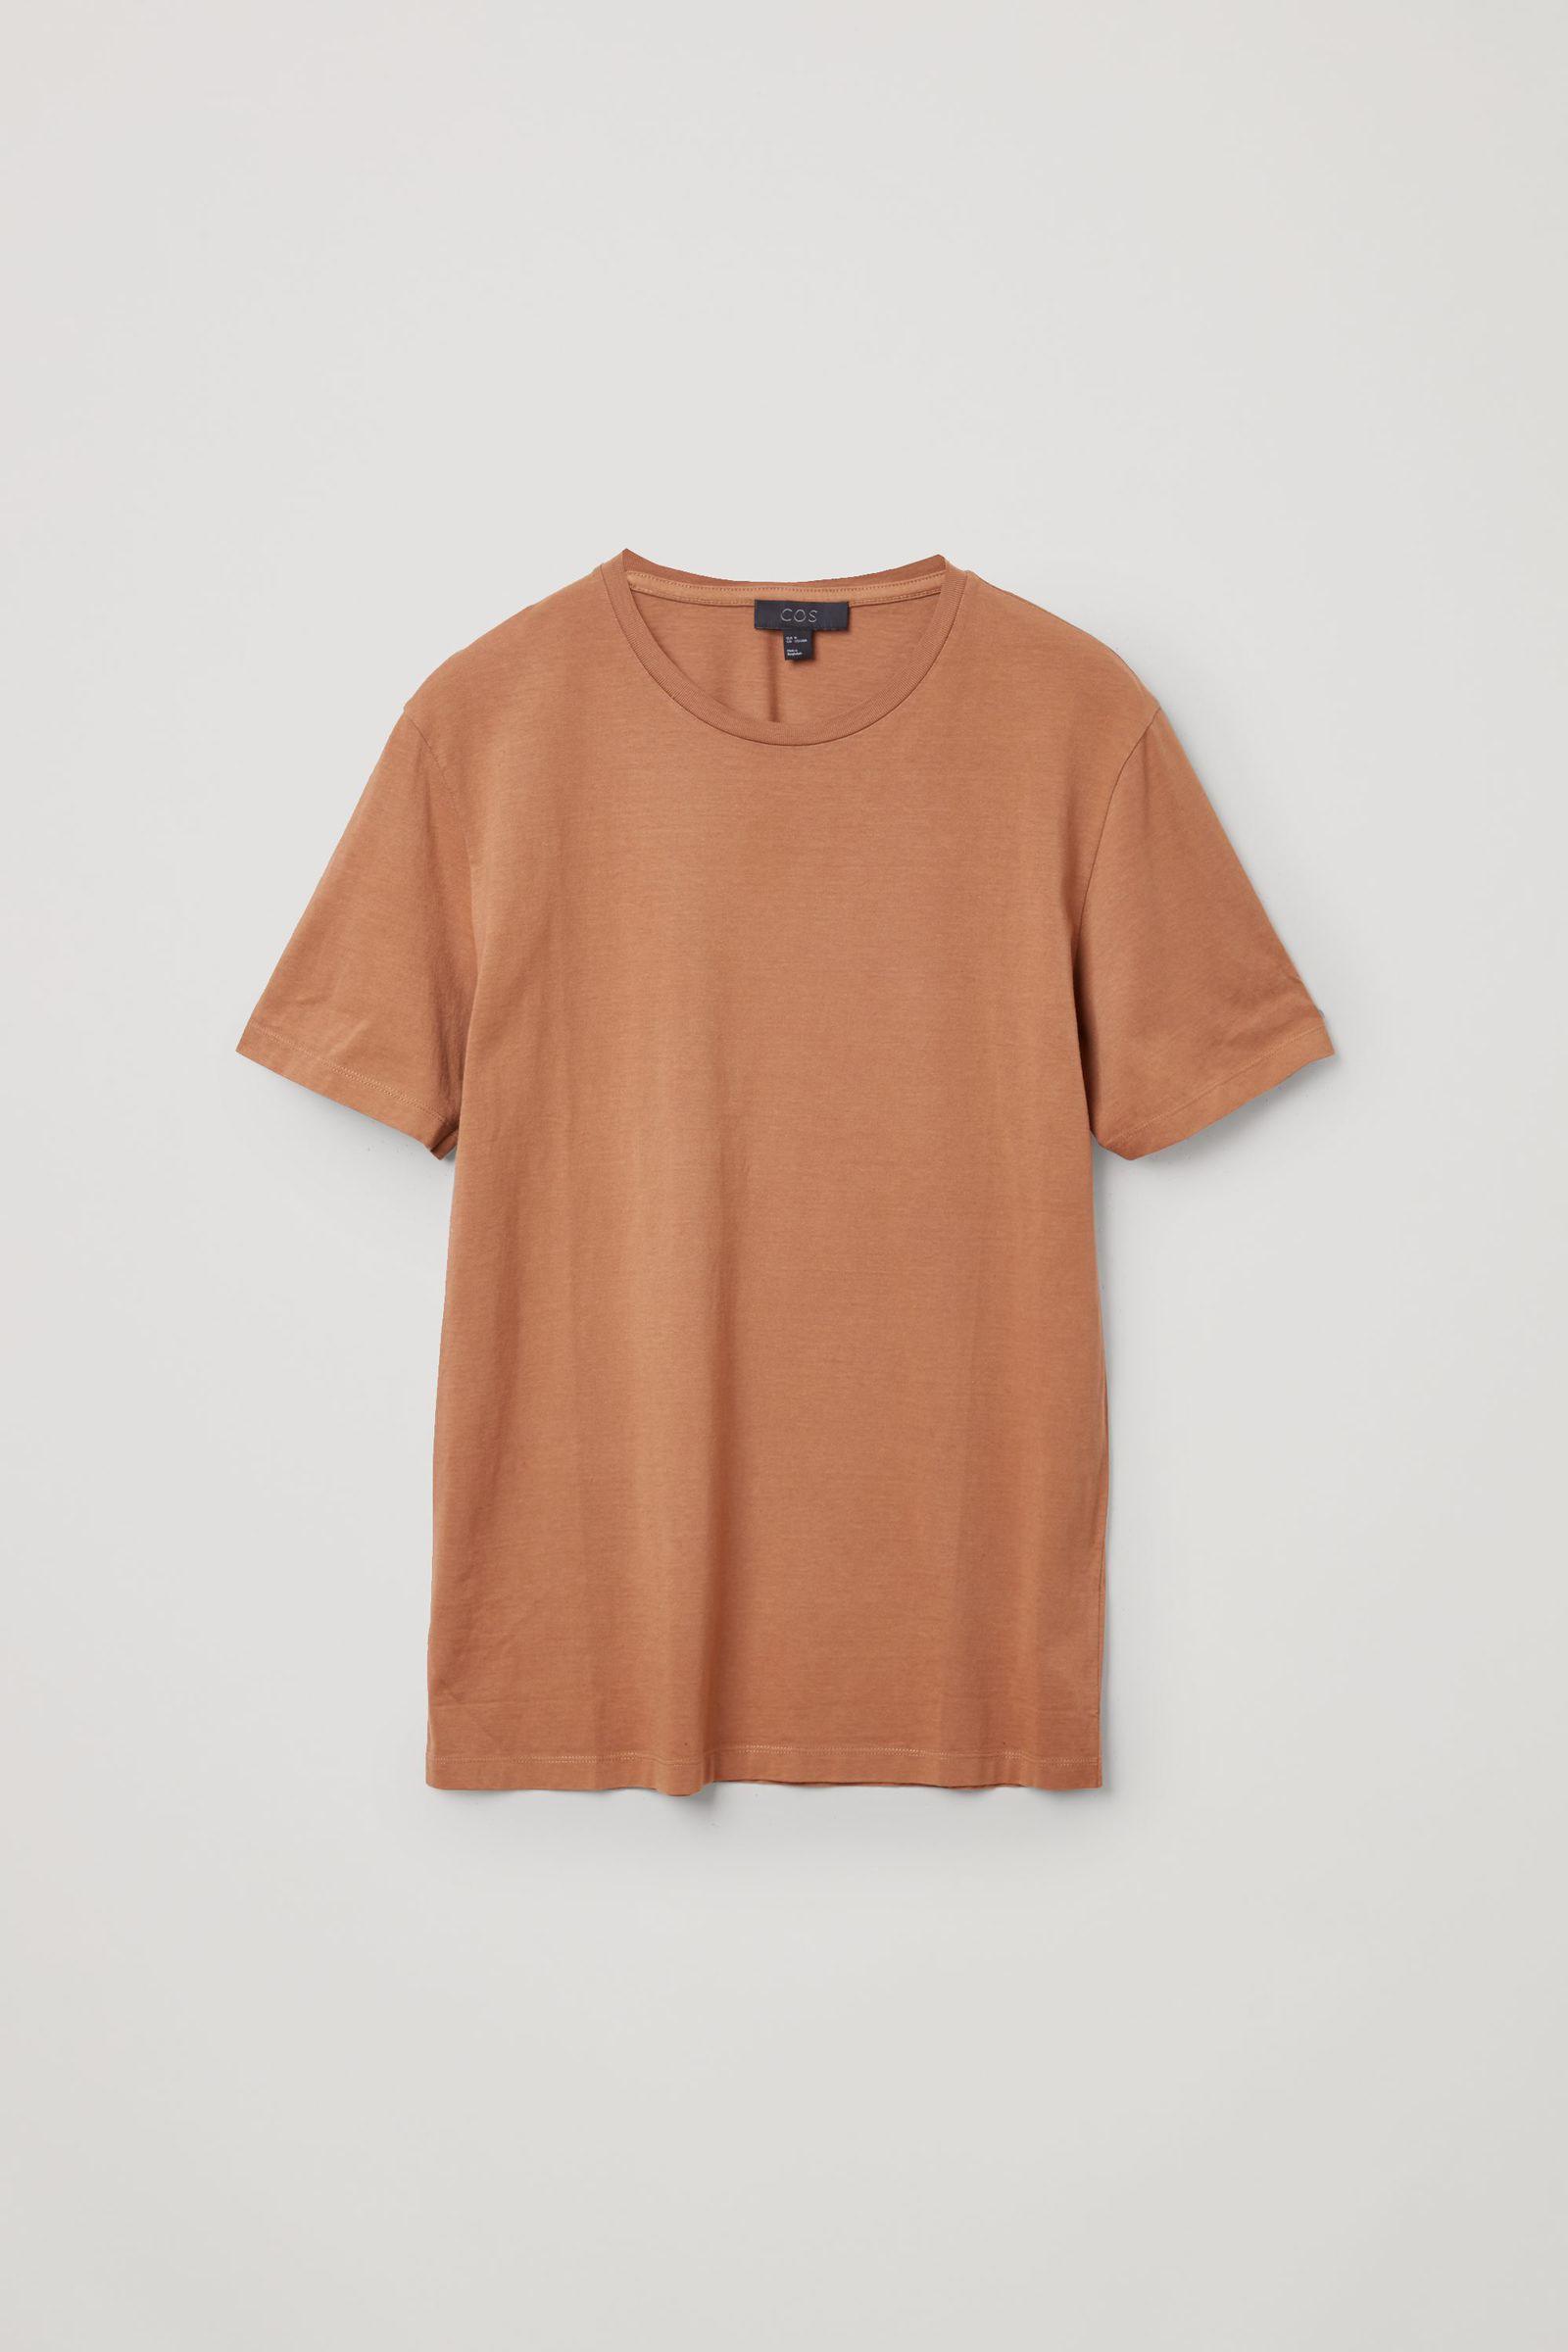 COS 라운드 넥 티셔츠의 라이트 브라운컬러 Product입니다.